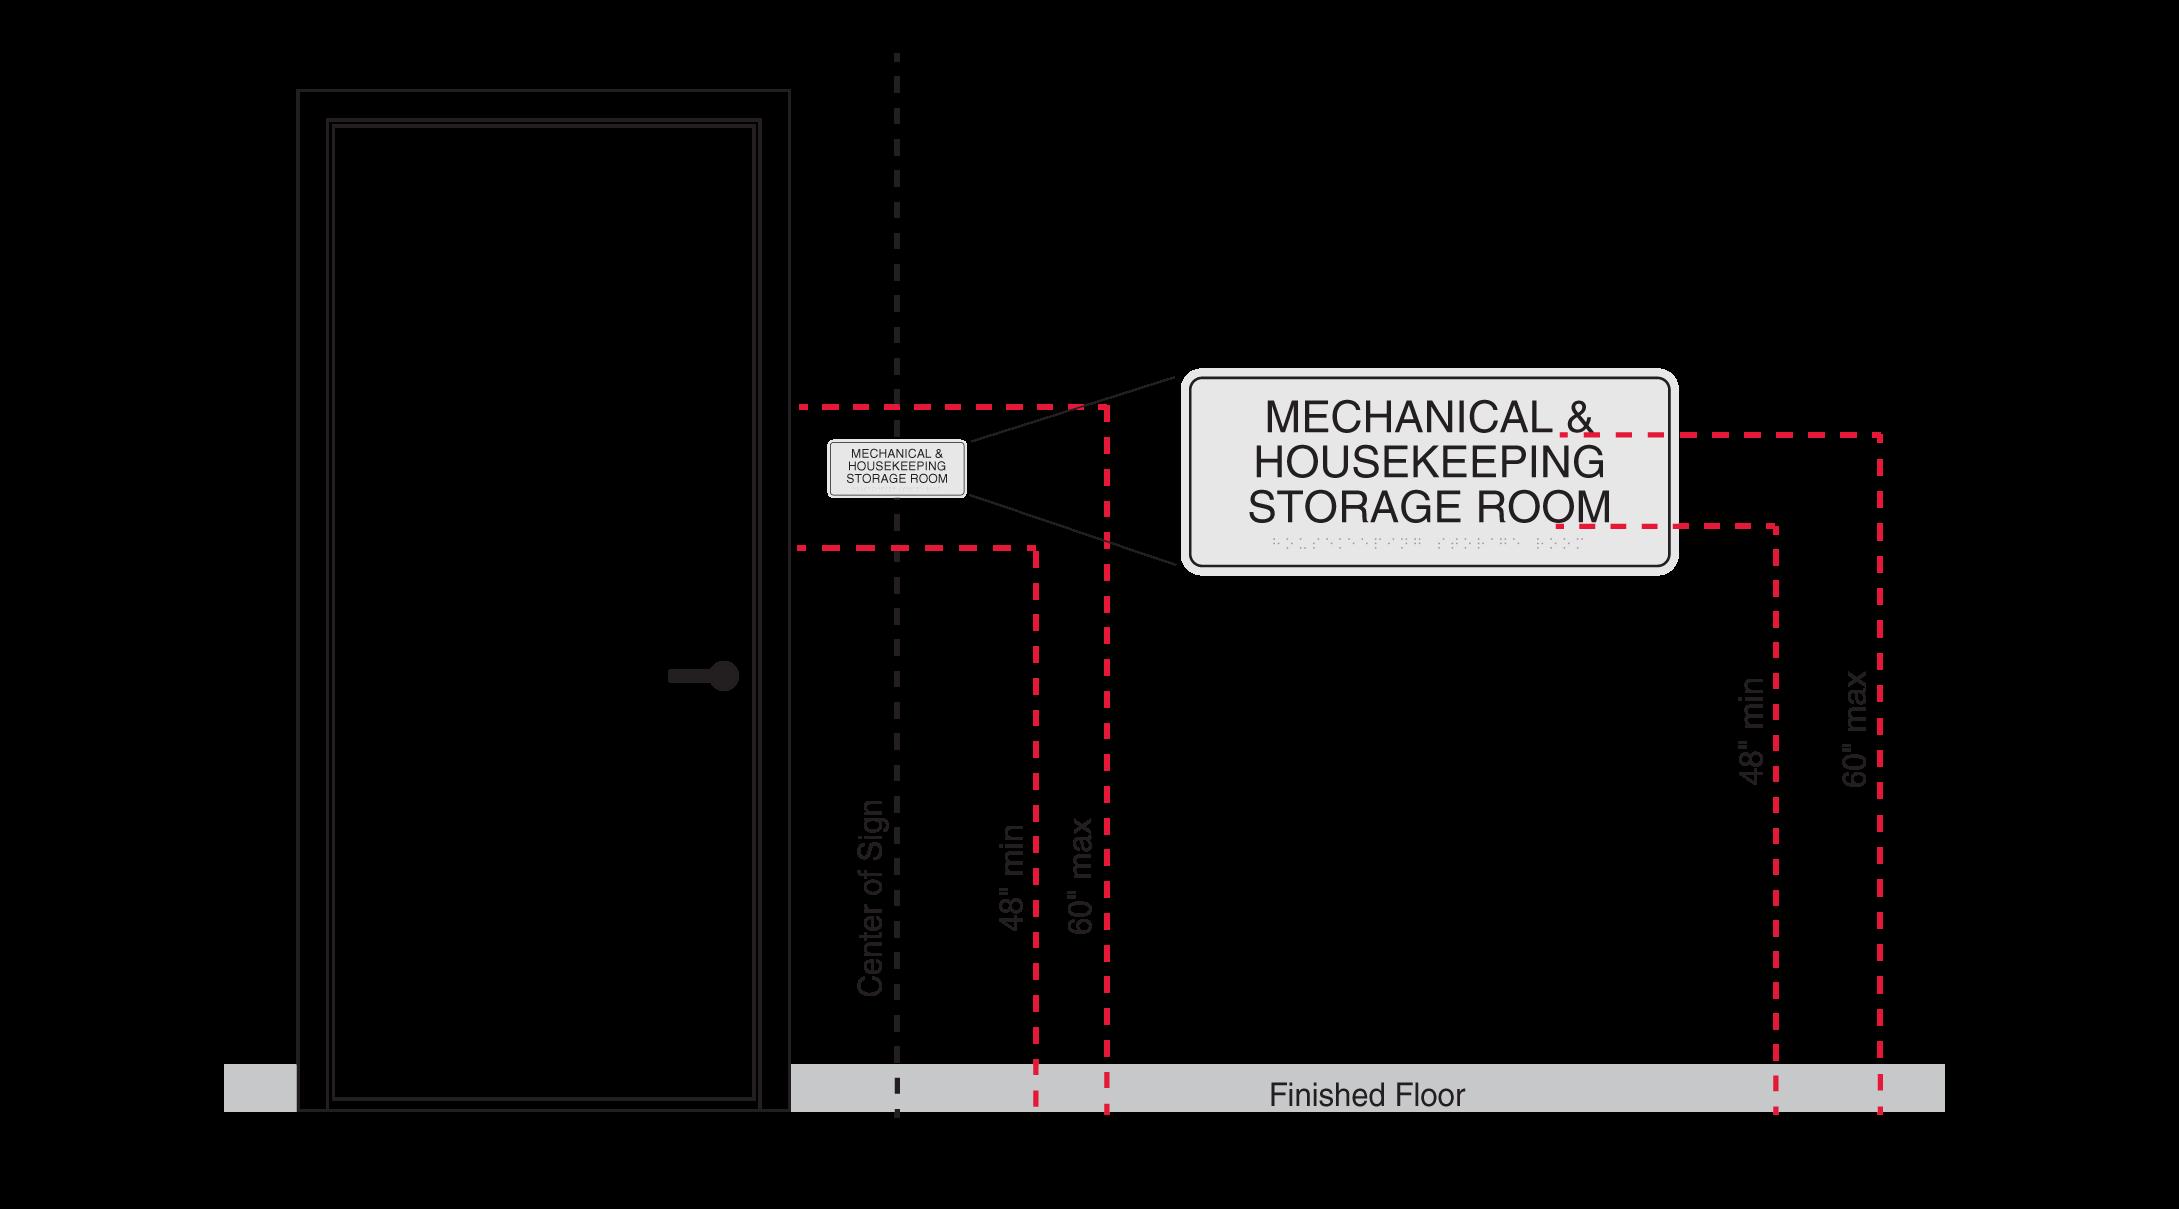 standard door knob height photo - 1